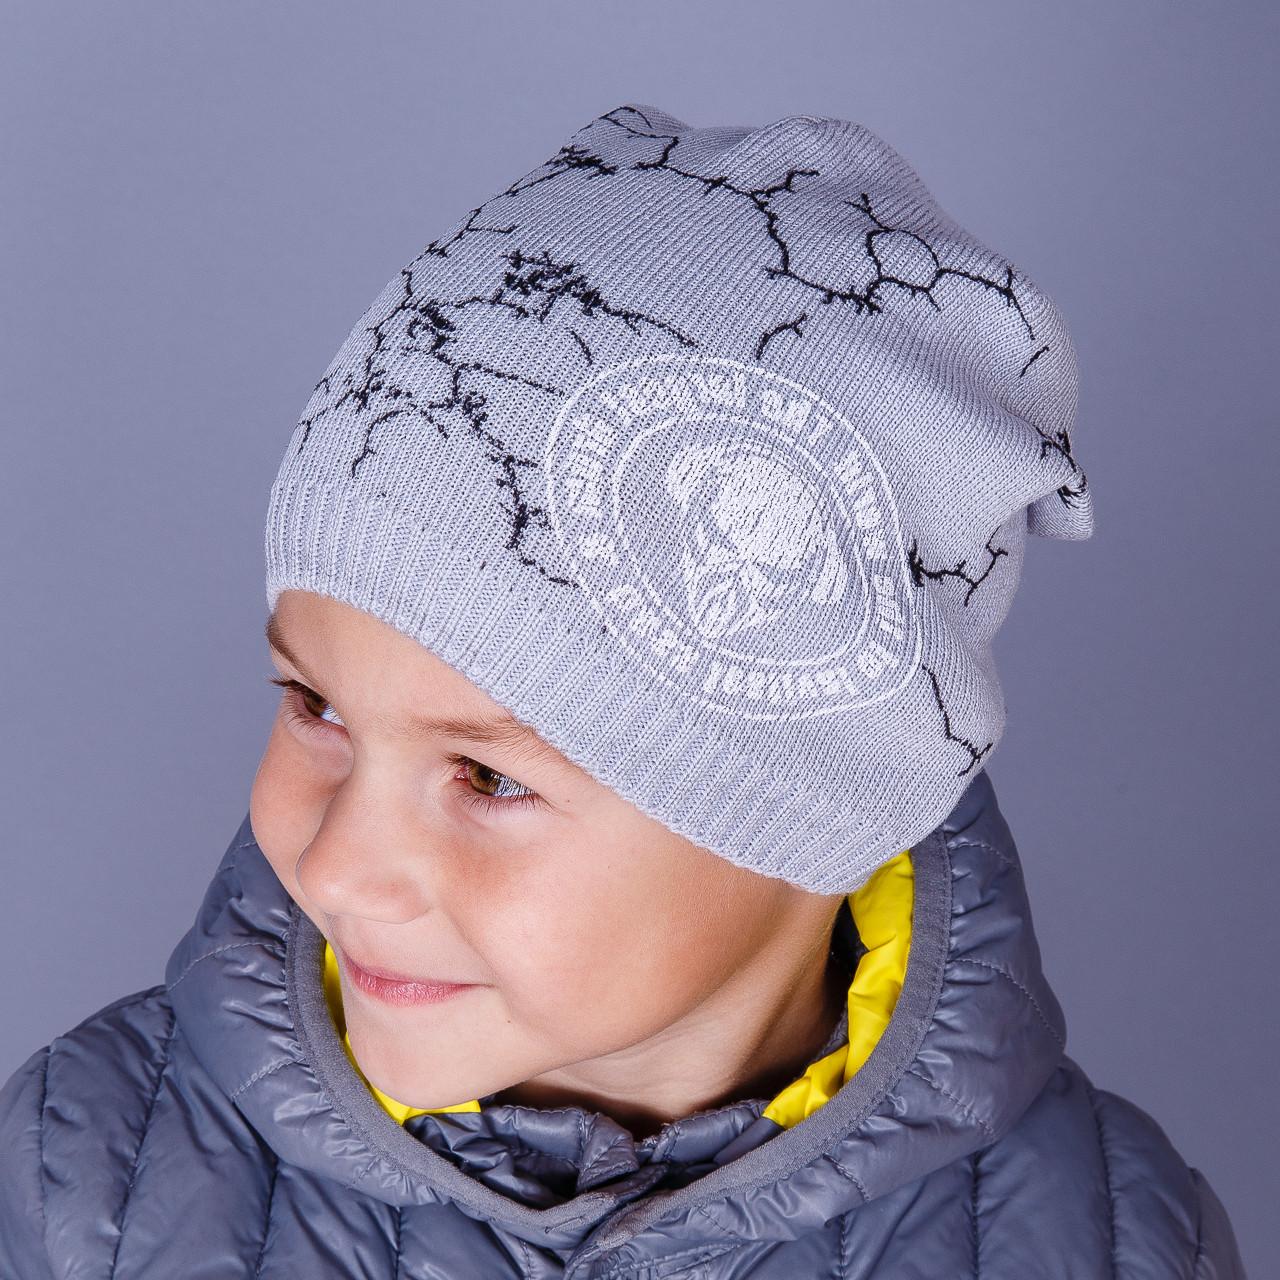 Стильная вязаная шапка на мальчика оптом - Alien - весна-осень 2018 - Артикул 1513